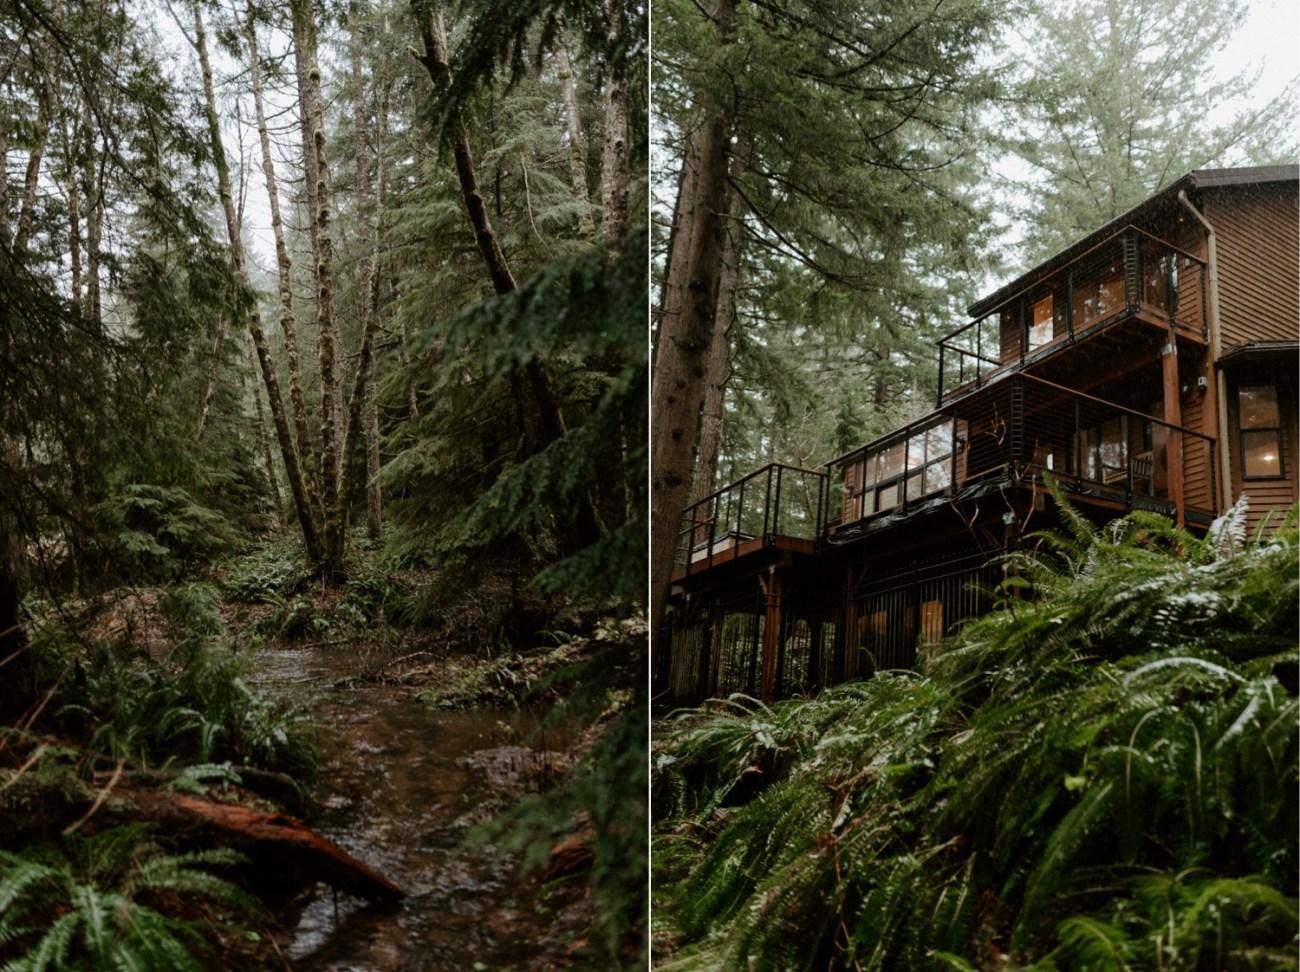 The Woodlands House Sandy Oregon Elopement Portland Elopement Photographer PNW Adventurous Elopement Anais Possamai Photography 002